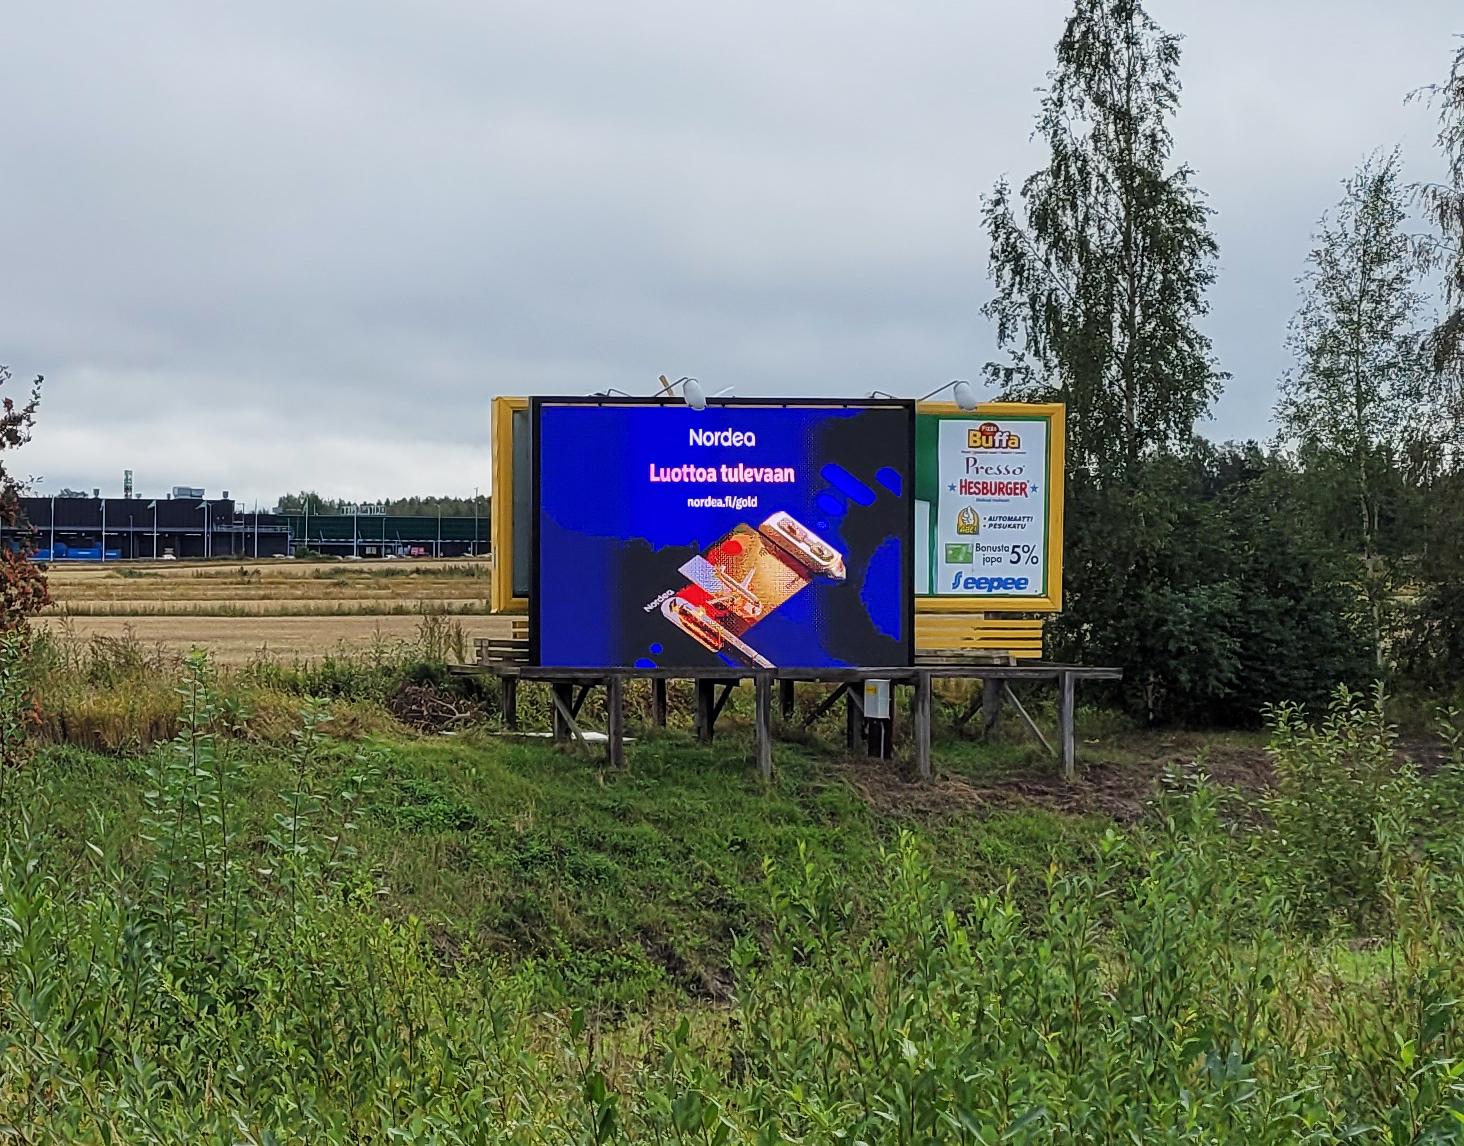 Seinäjoki: Ideapark